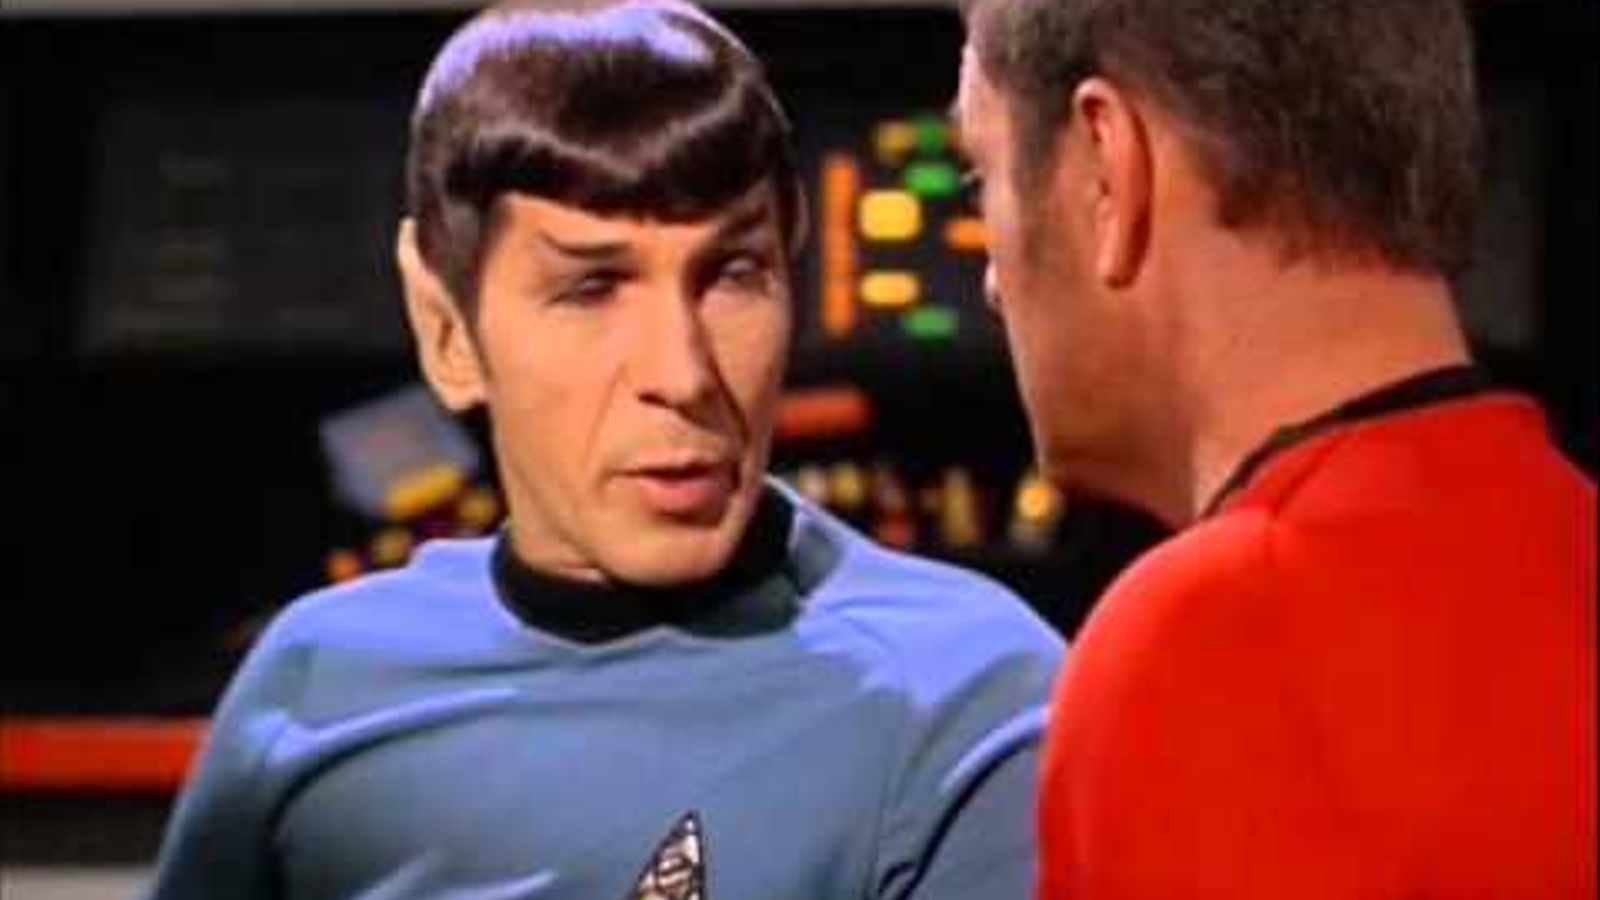 Les dones prenen el comandament en el retorn televisiu de 'Star Trek'